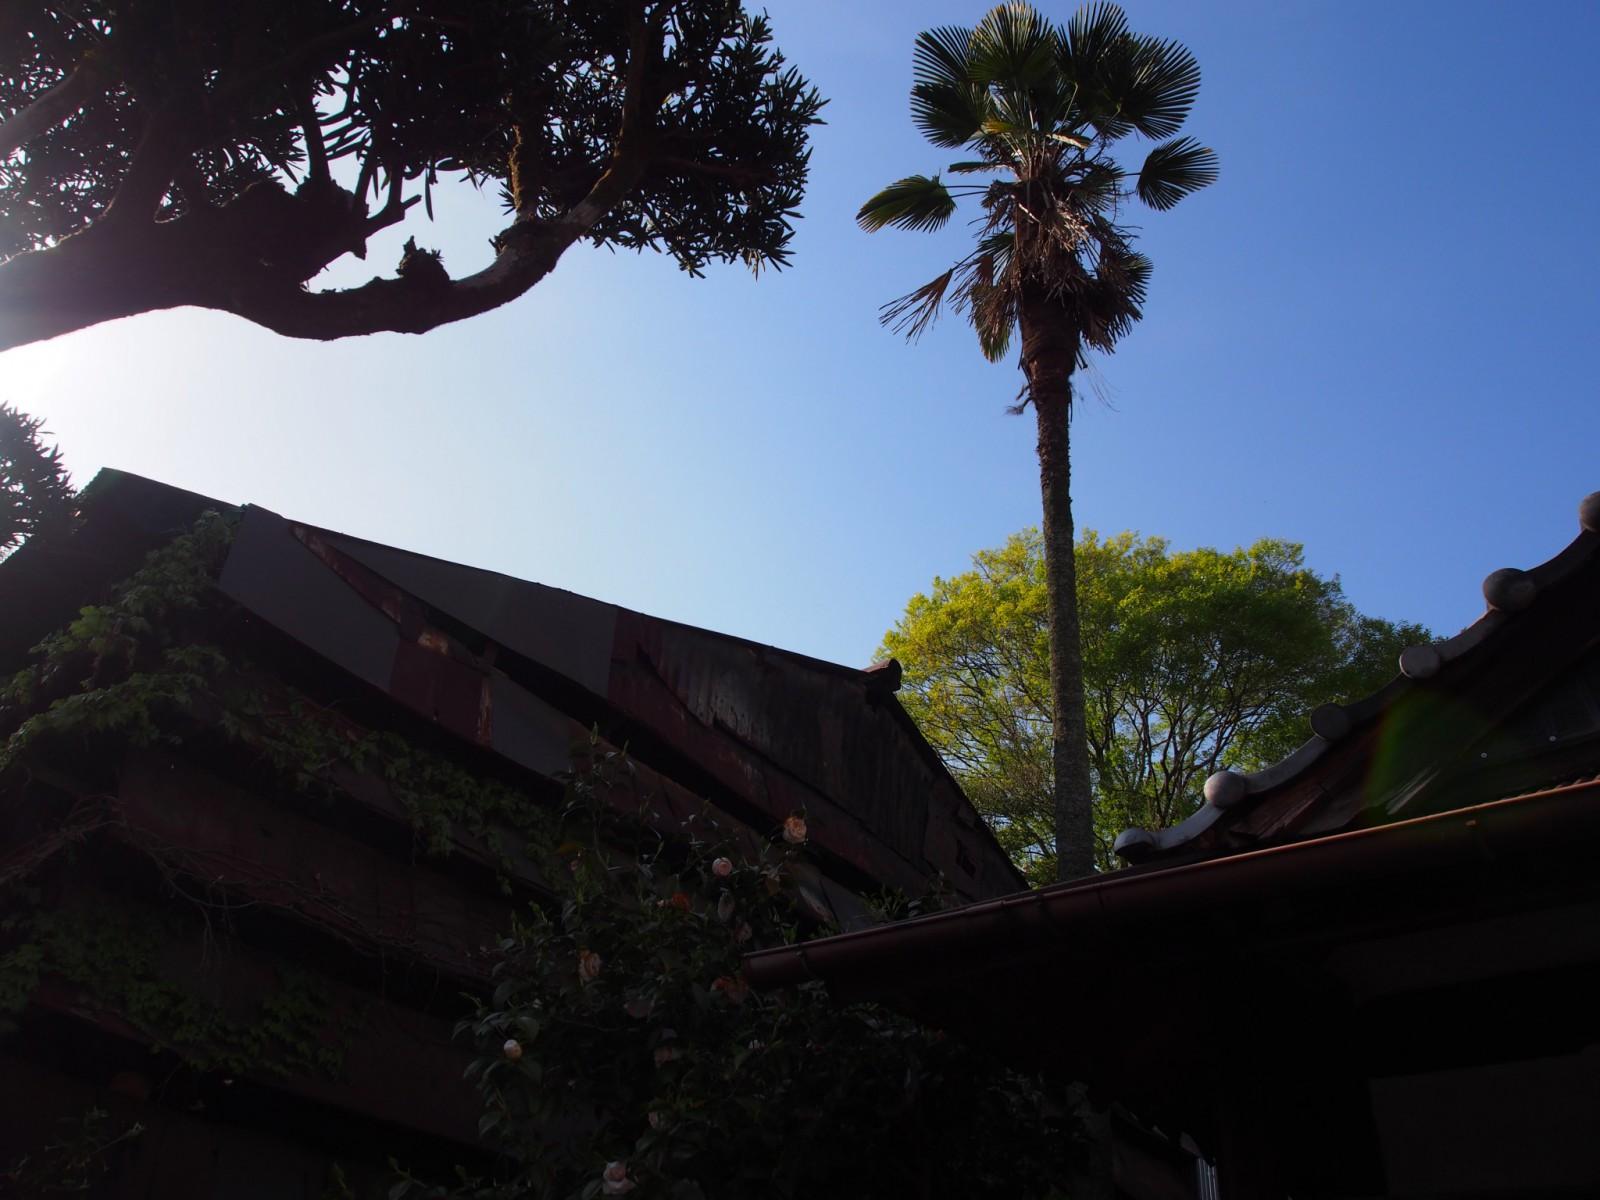 現代アートイベントでも使用された「染物工場」の倉庫跡(奈良町)